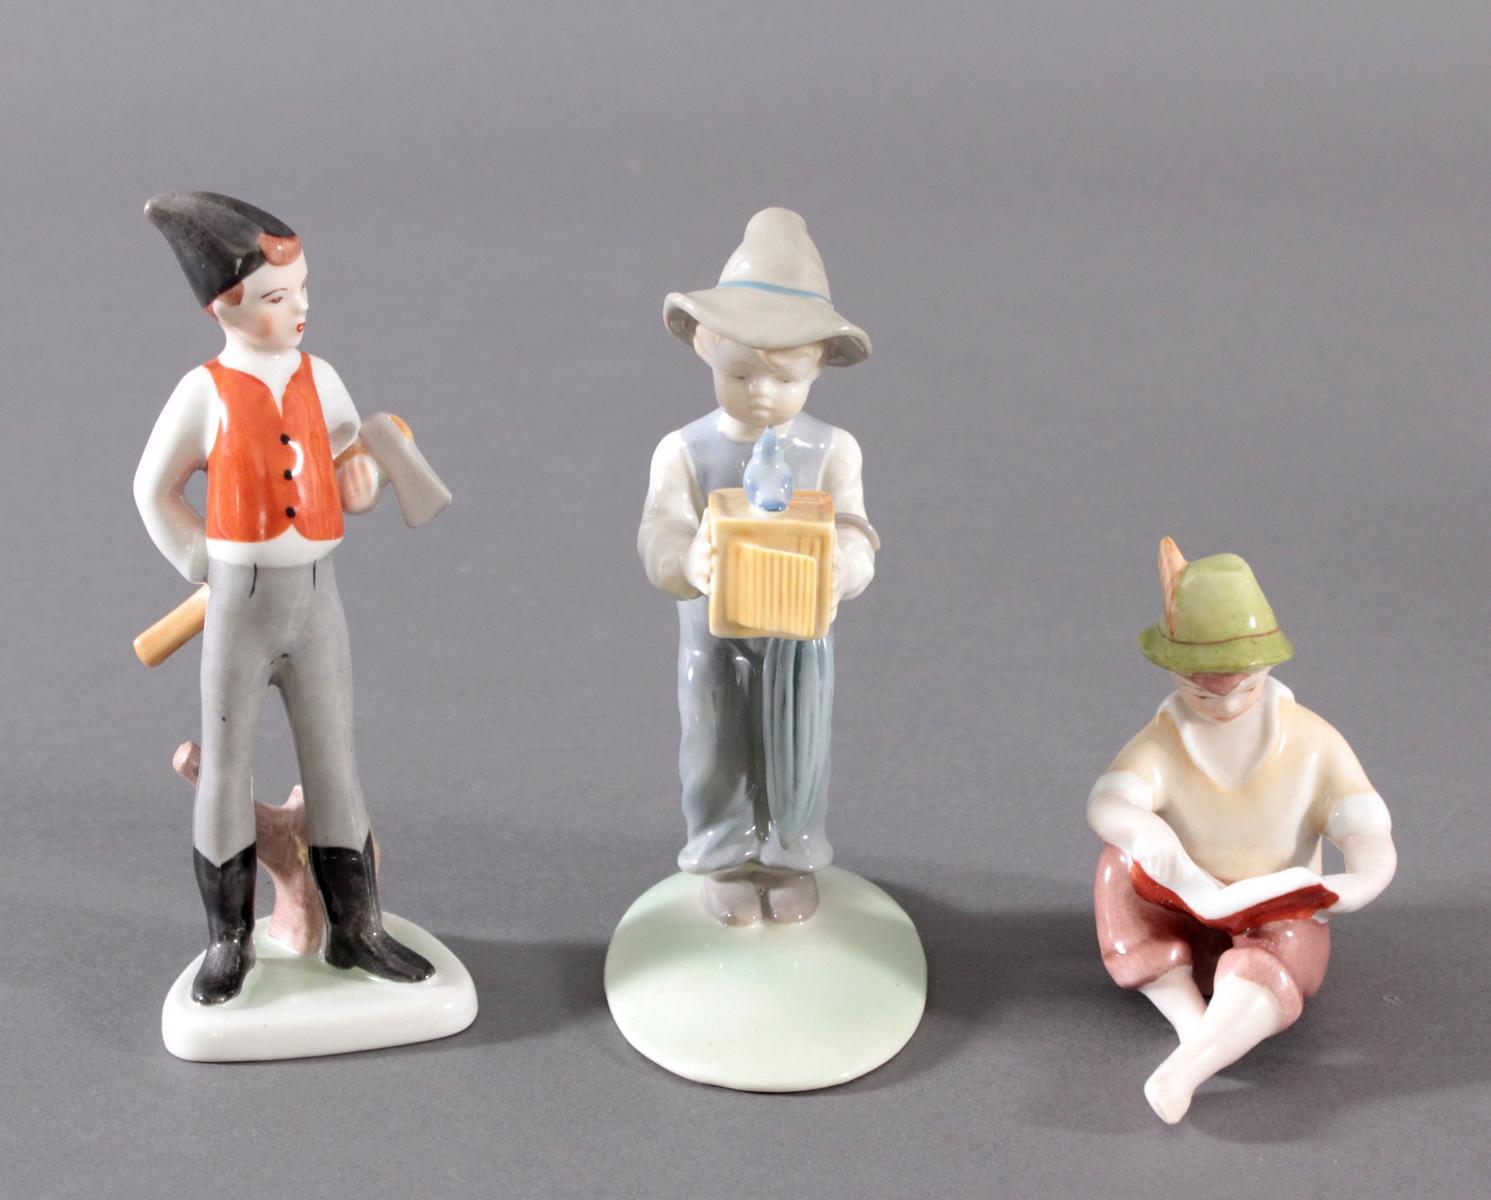 3 Porzellan-Figuren unterschiedliche Hersteller